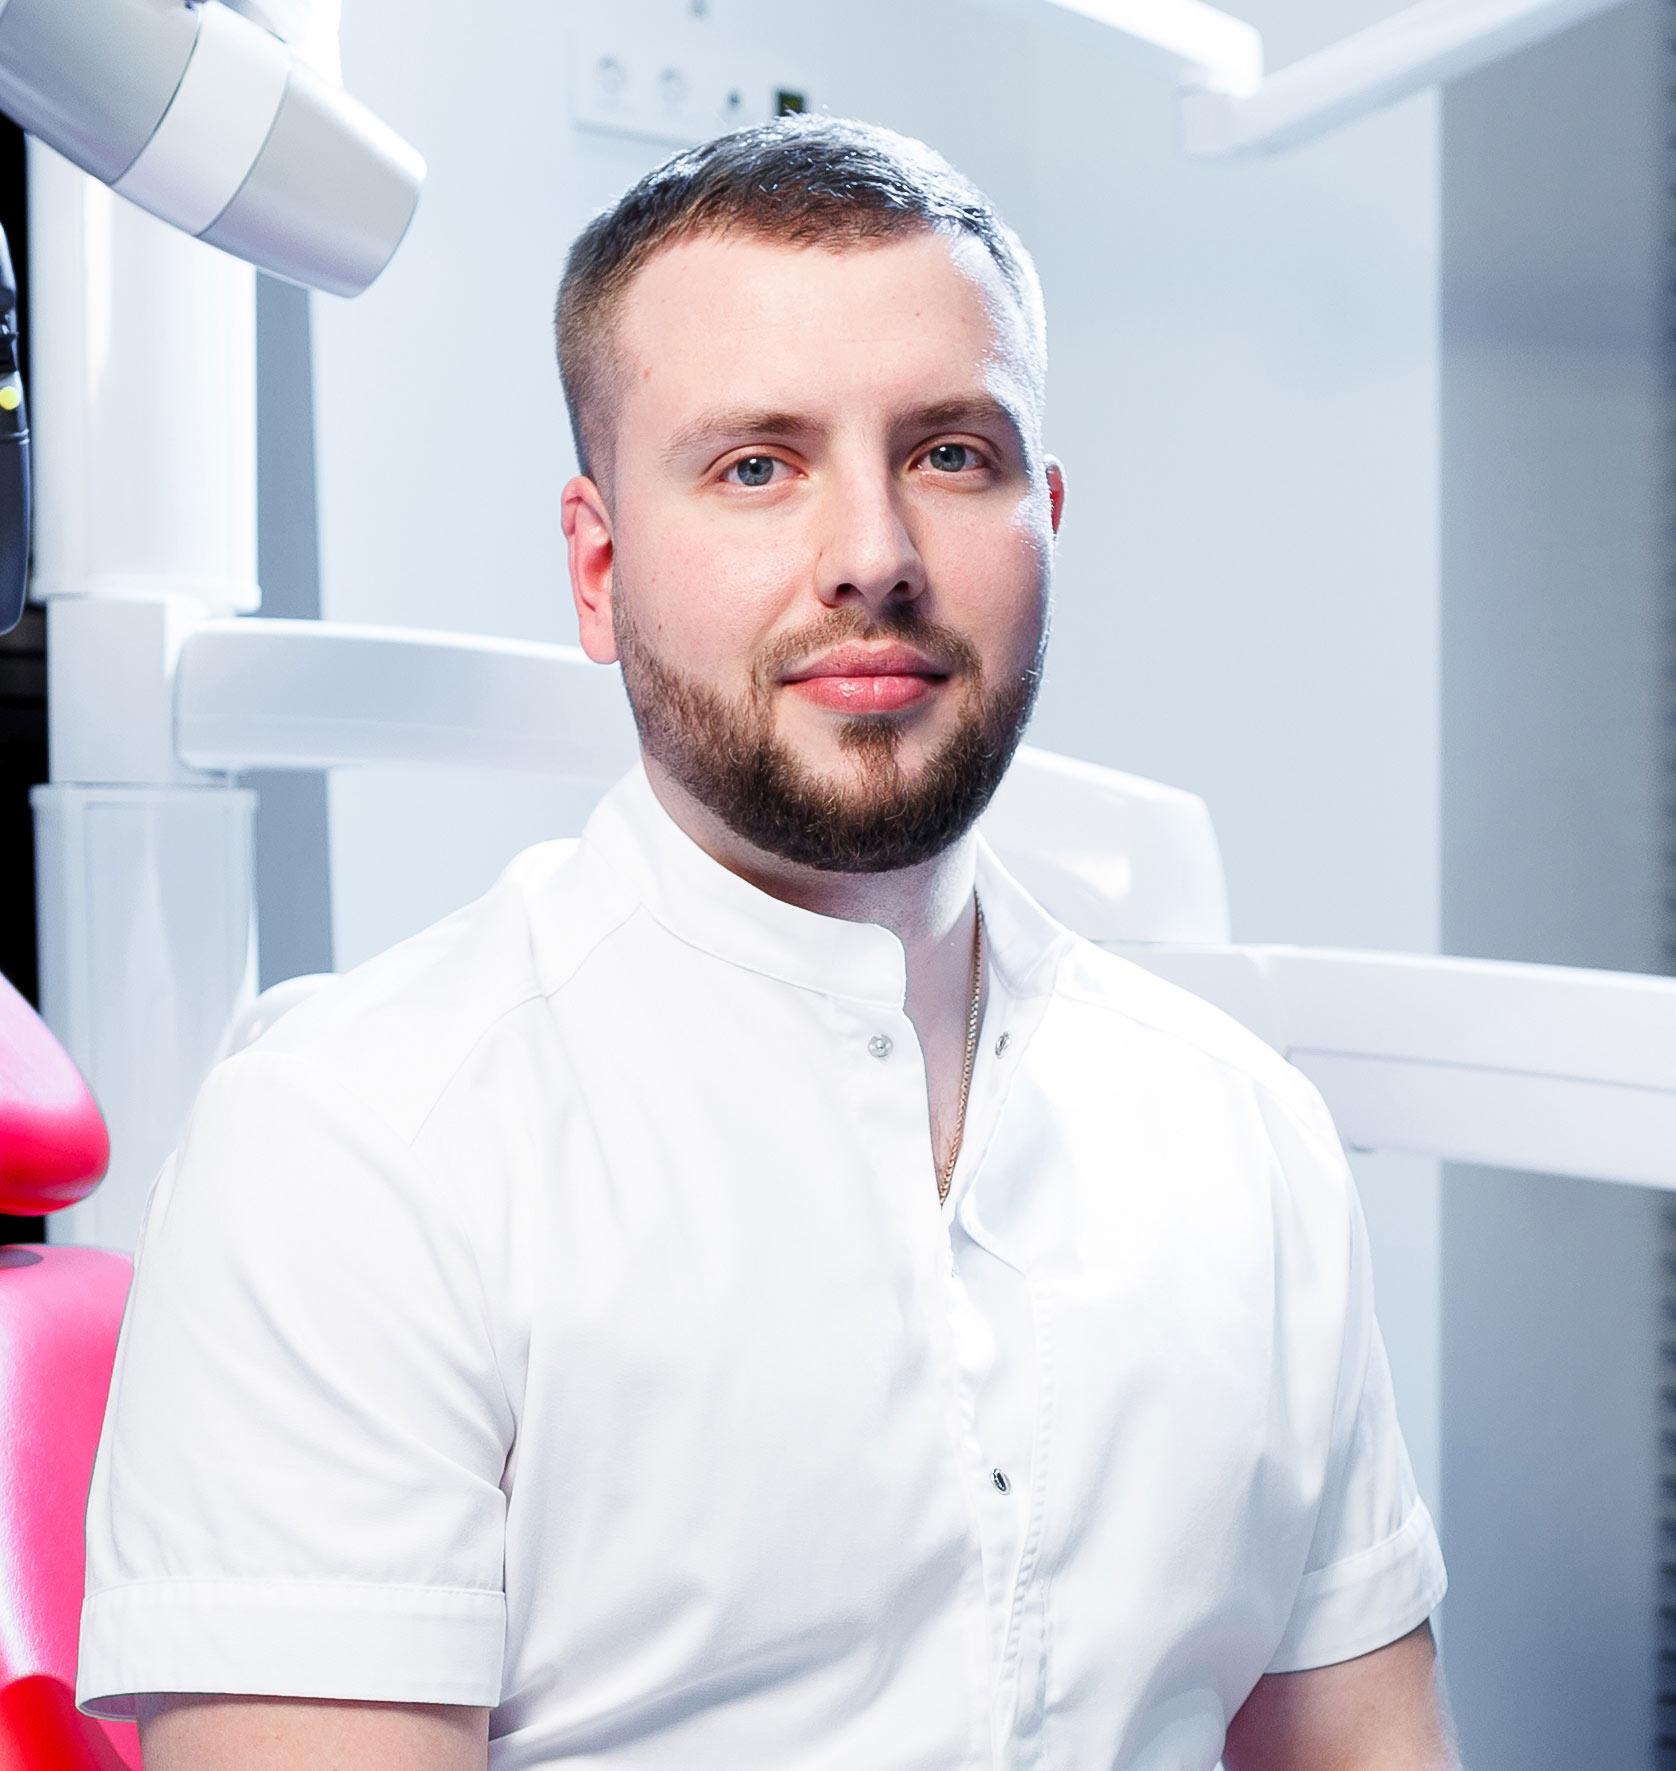 вячеслав минко стоматолог отзывы